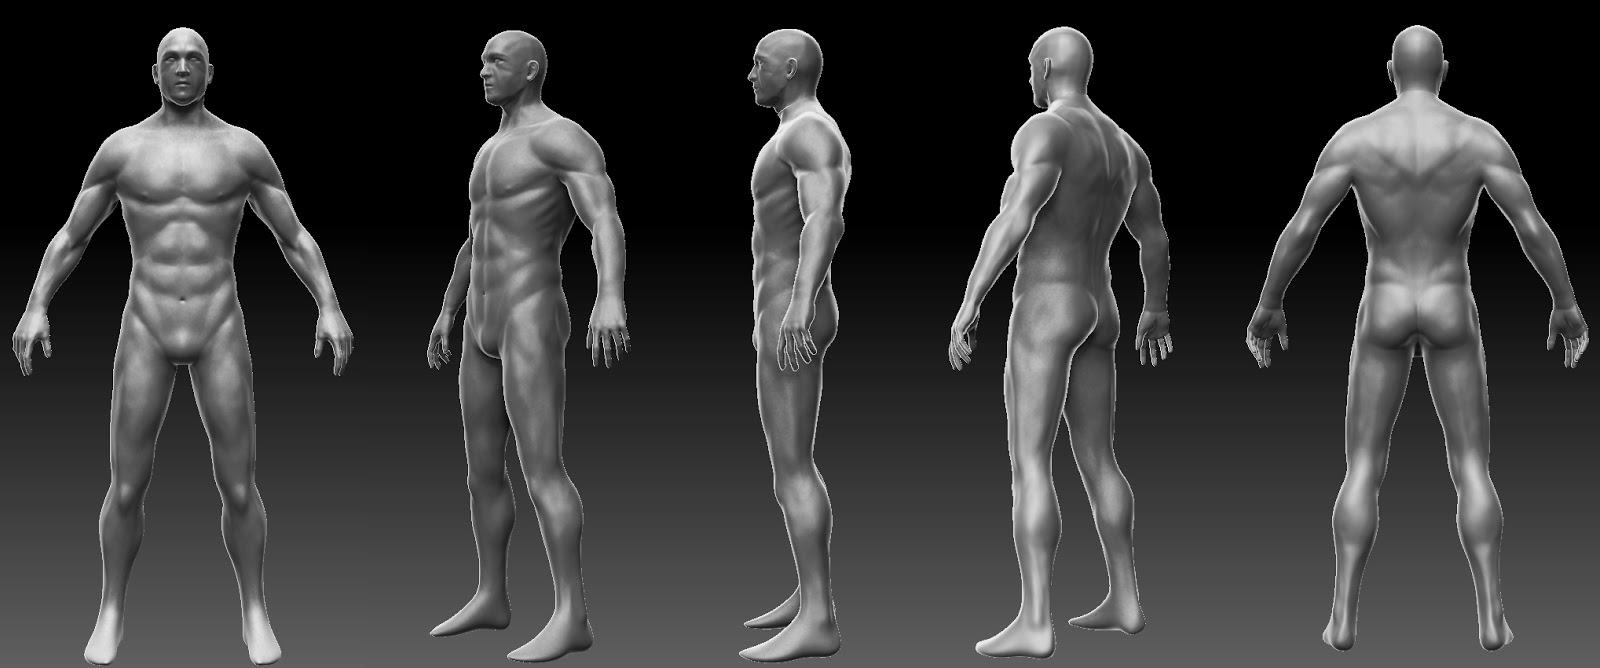 3d Digital Sculpture Final Human Anatomy Sculpt Render